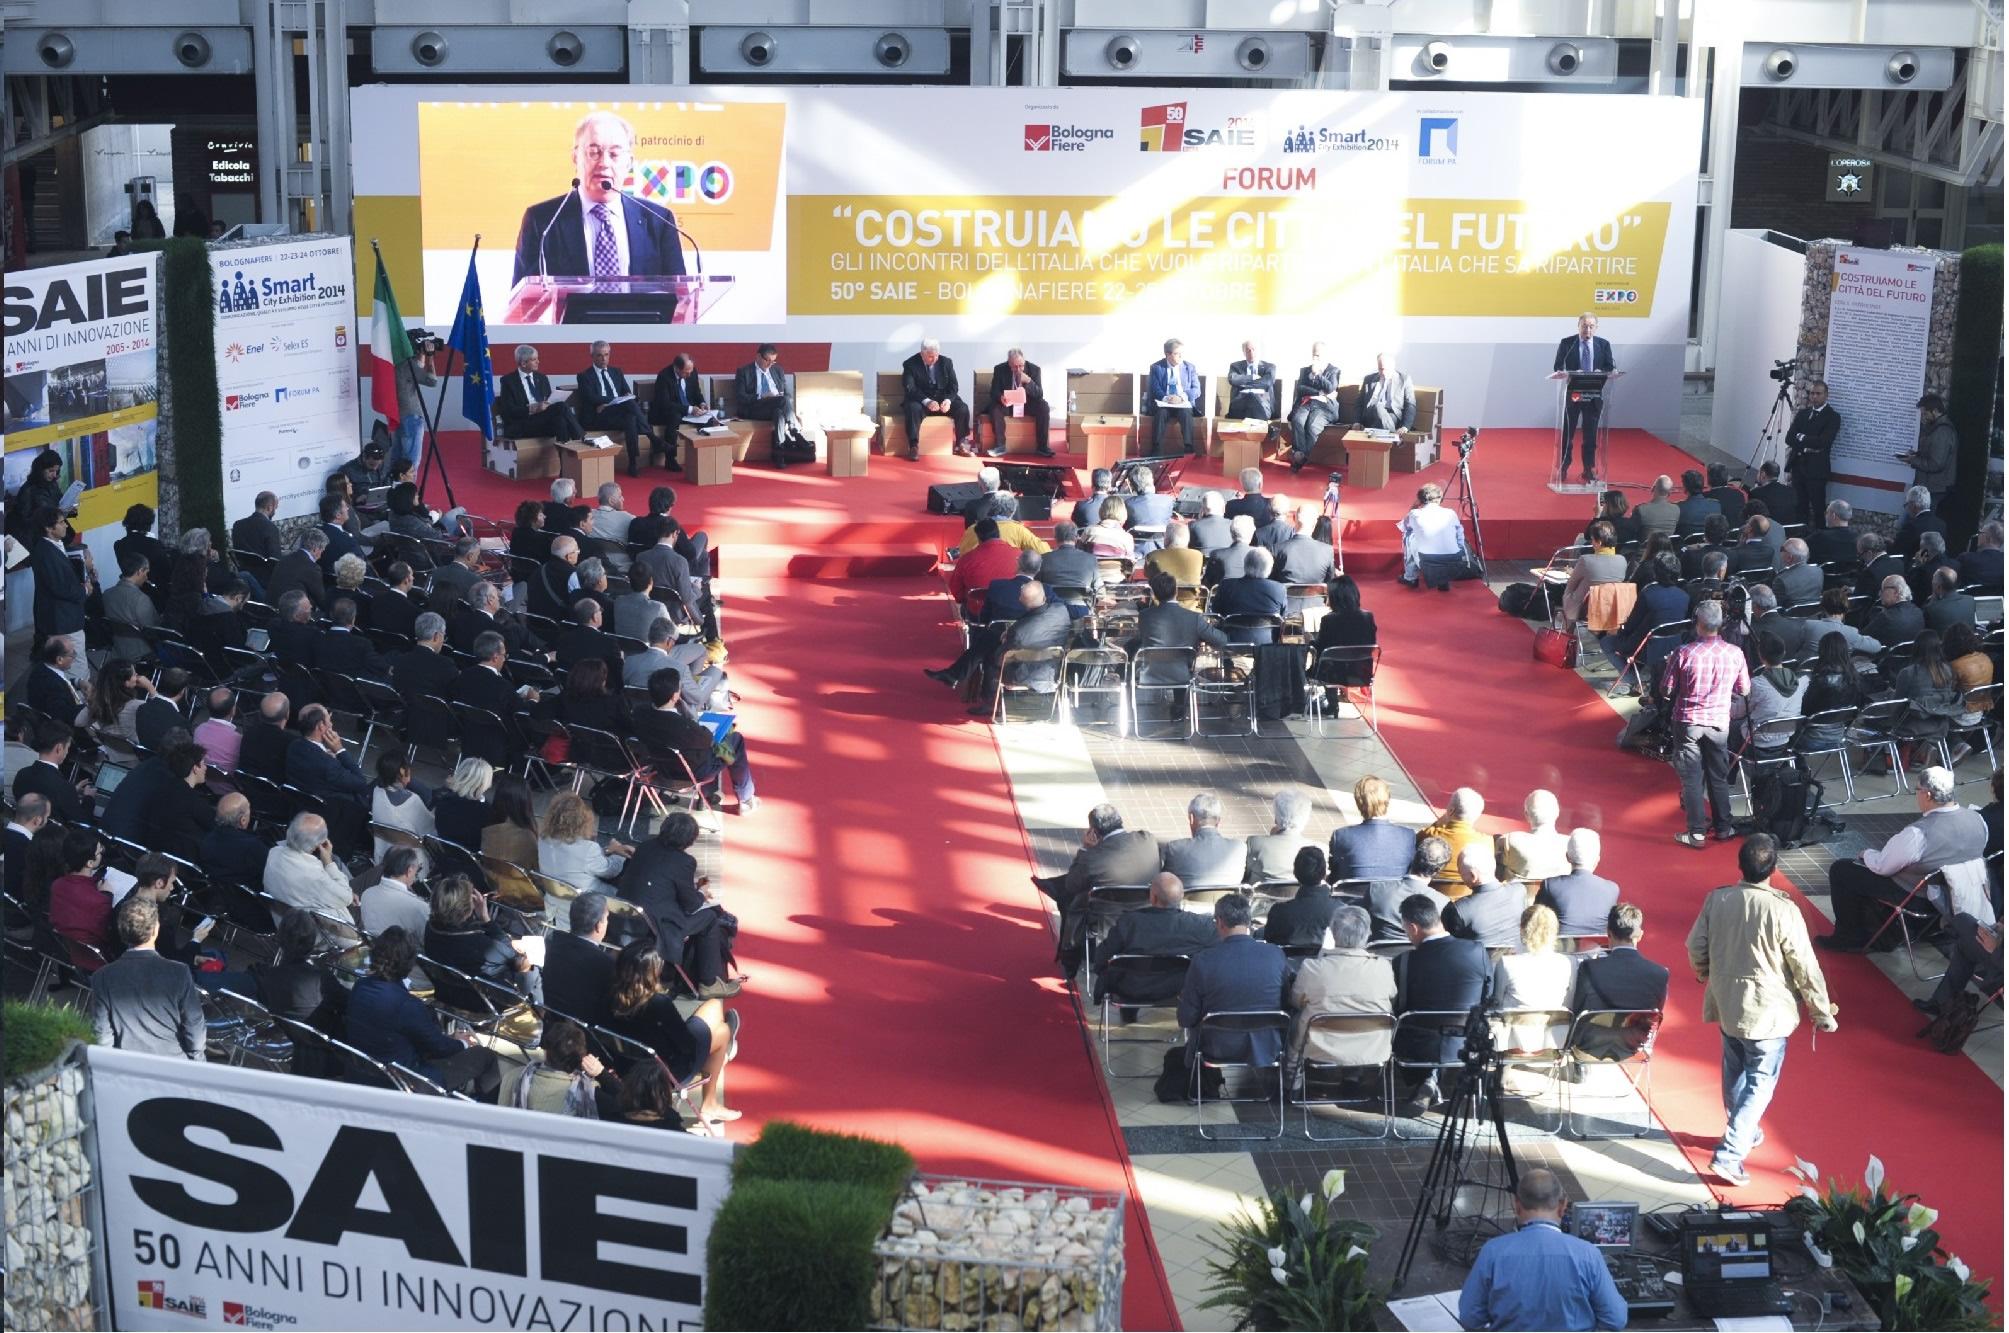 Cantiere Italia: ristrutturare 1500 abitazioni al giorno per rispettare il piano strategico dell'UE